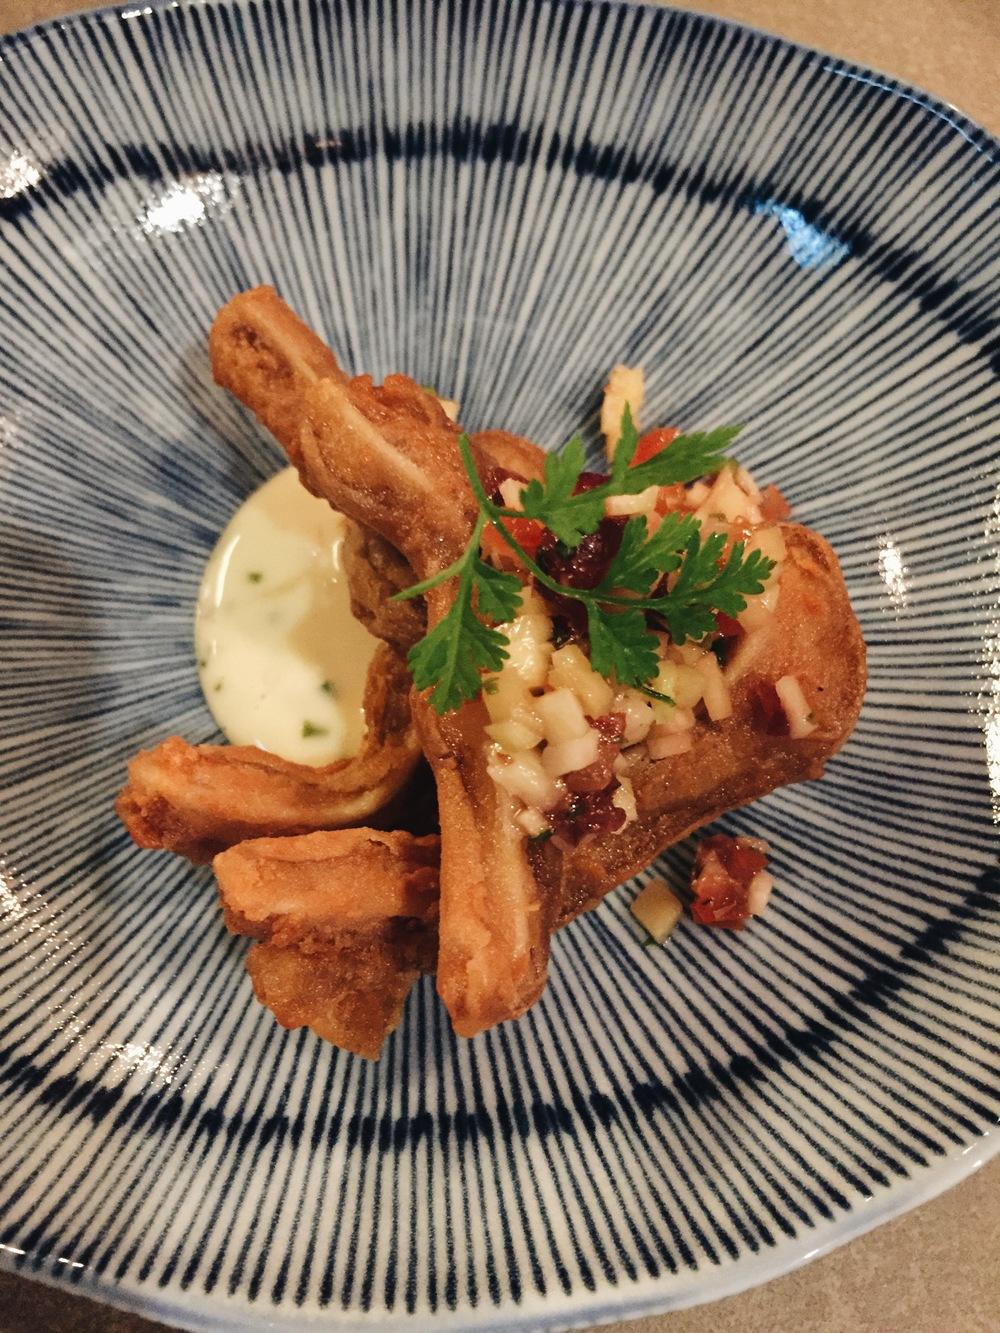 Har cheong gai - pig ears in shrimp paste batter house tartar sauce.